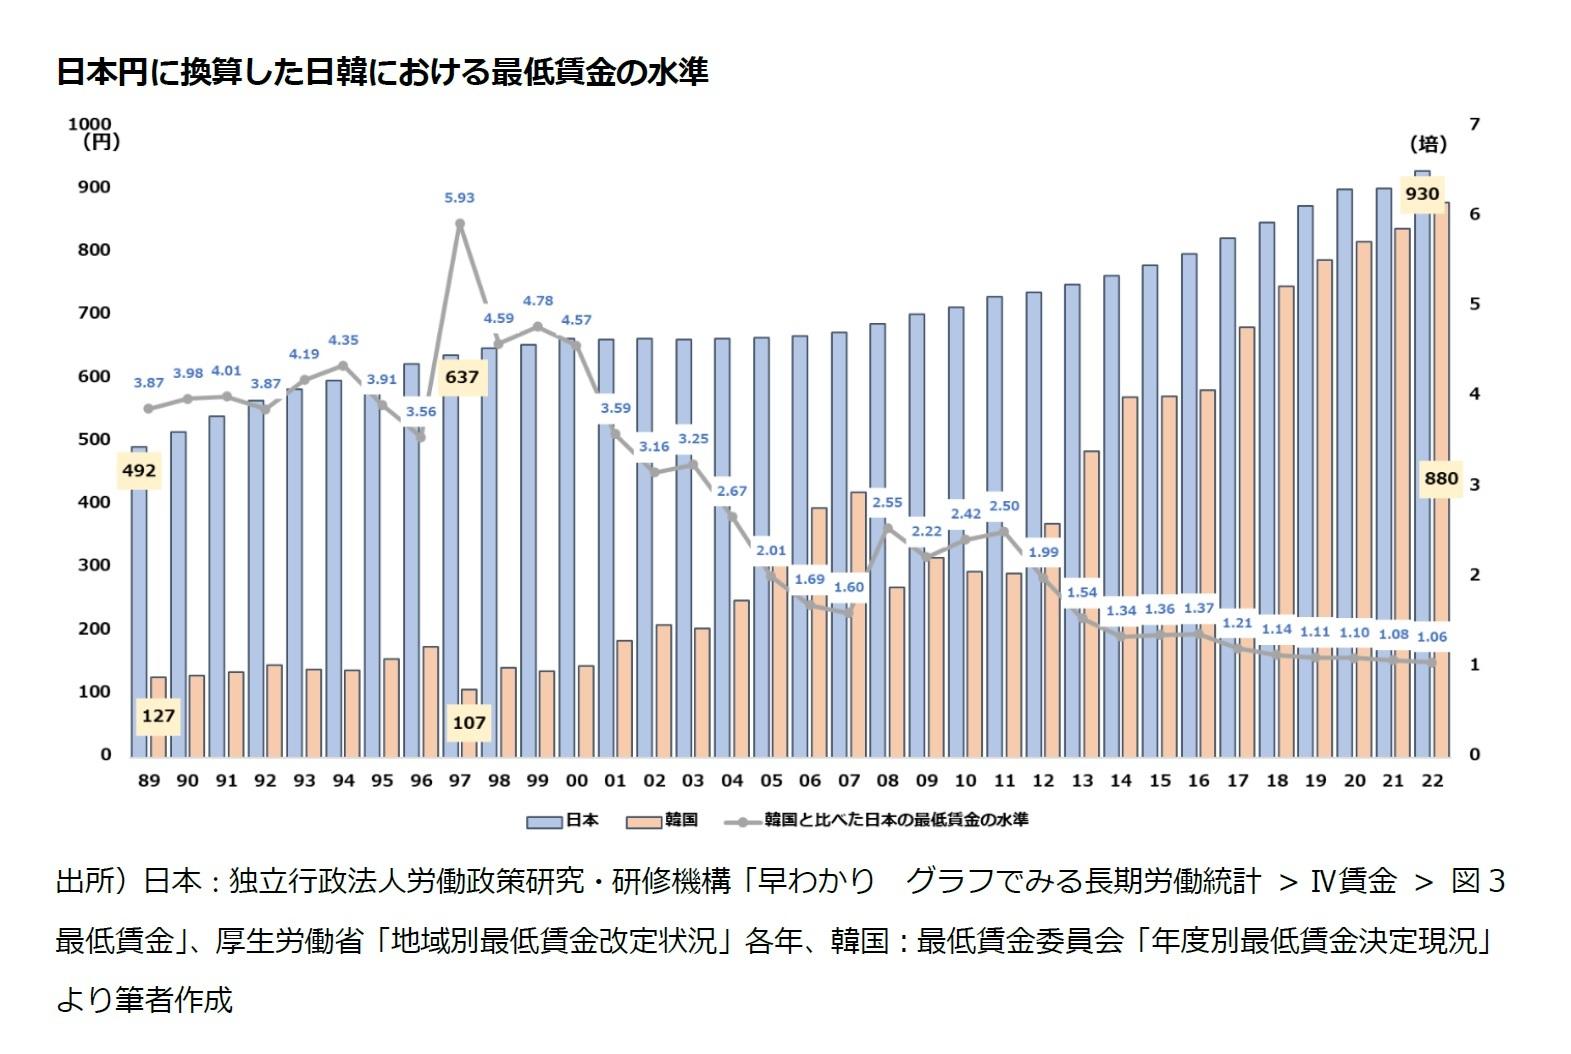 日本円に換算した日韓における最低賃金の水準